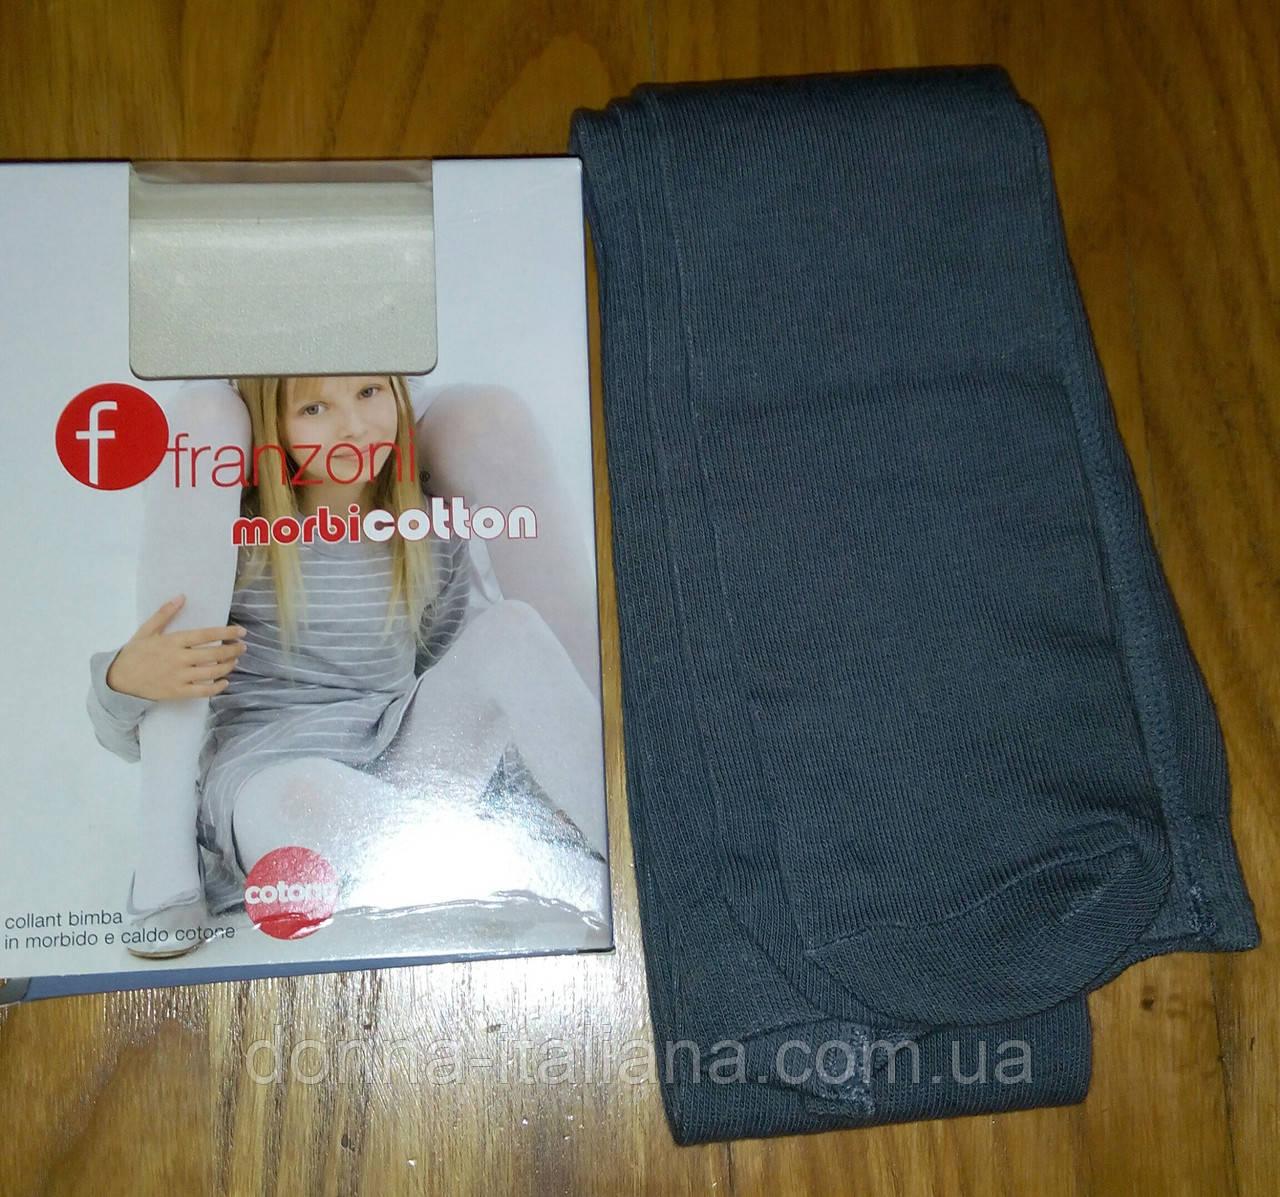 """Дитячі колготки """"franzoni cotton"""" TG-4"""